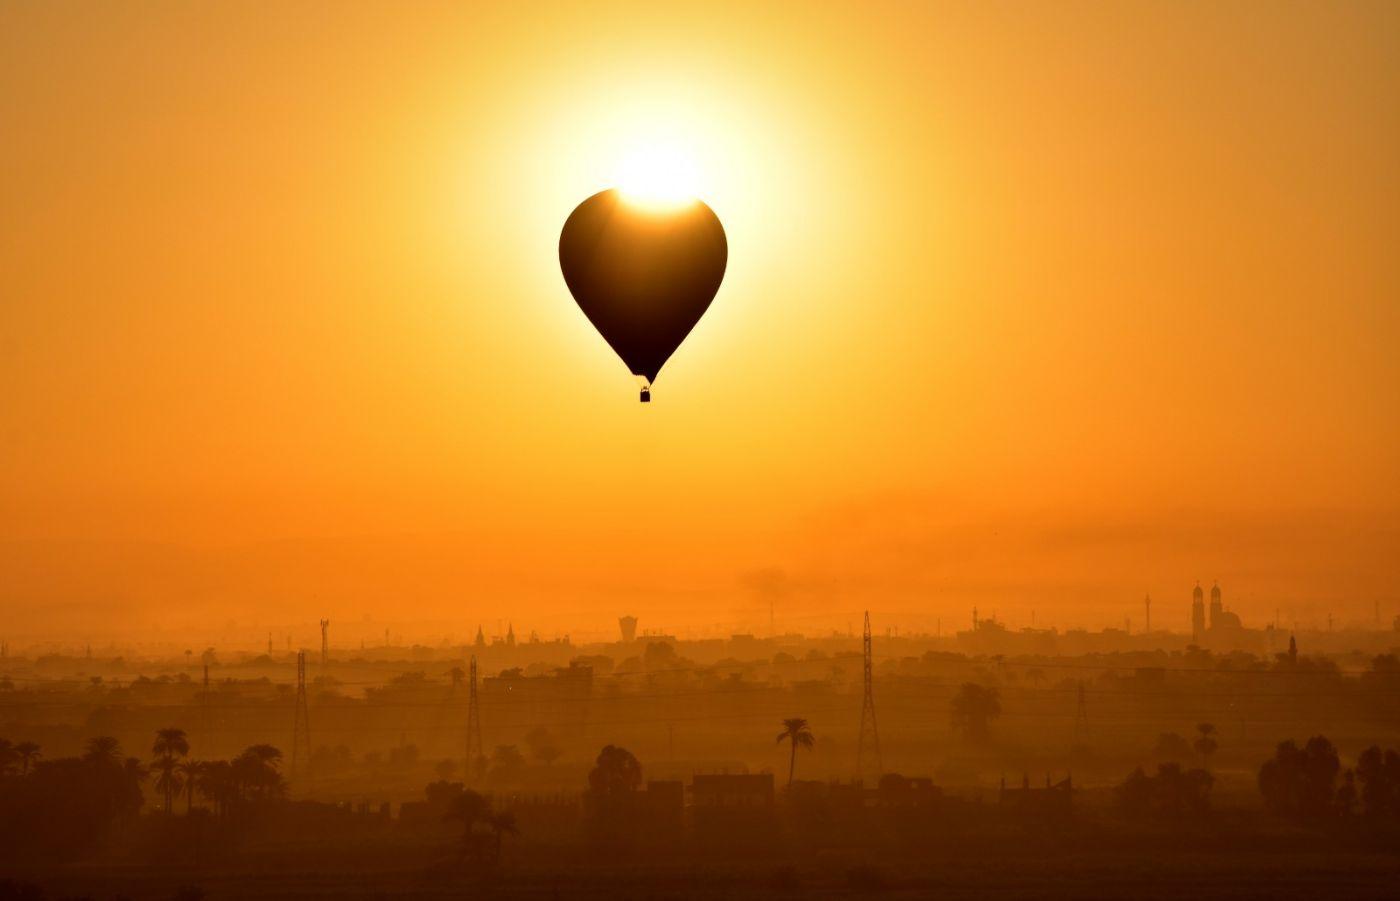 卢克索坐热气球观日出_图1-1